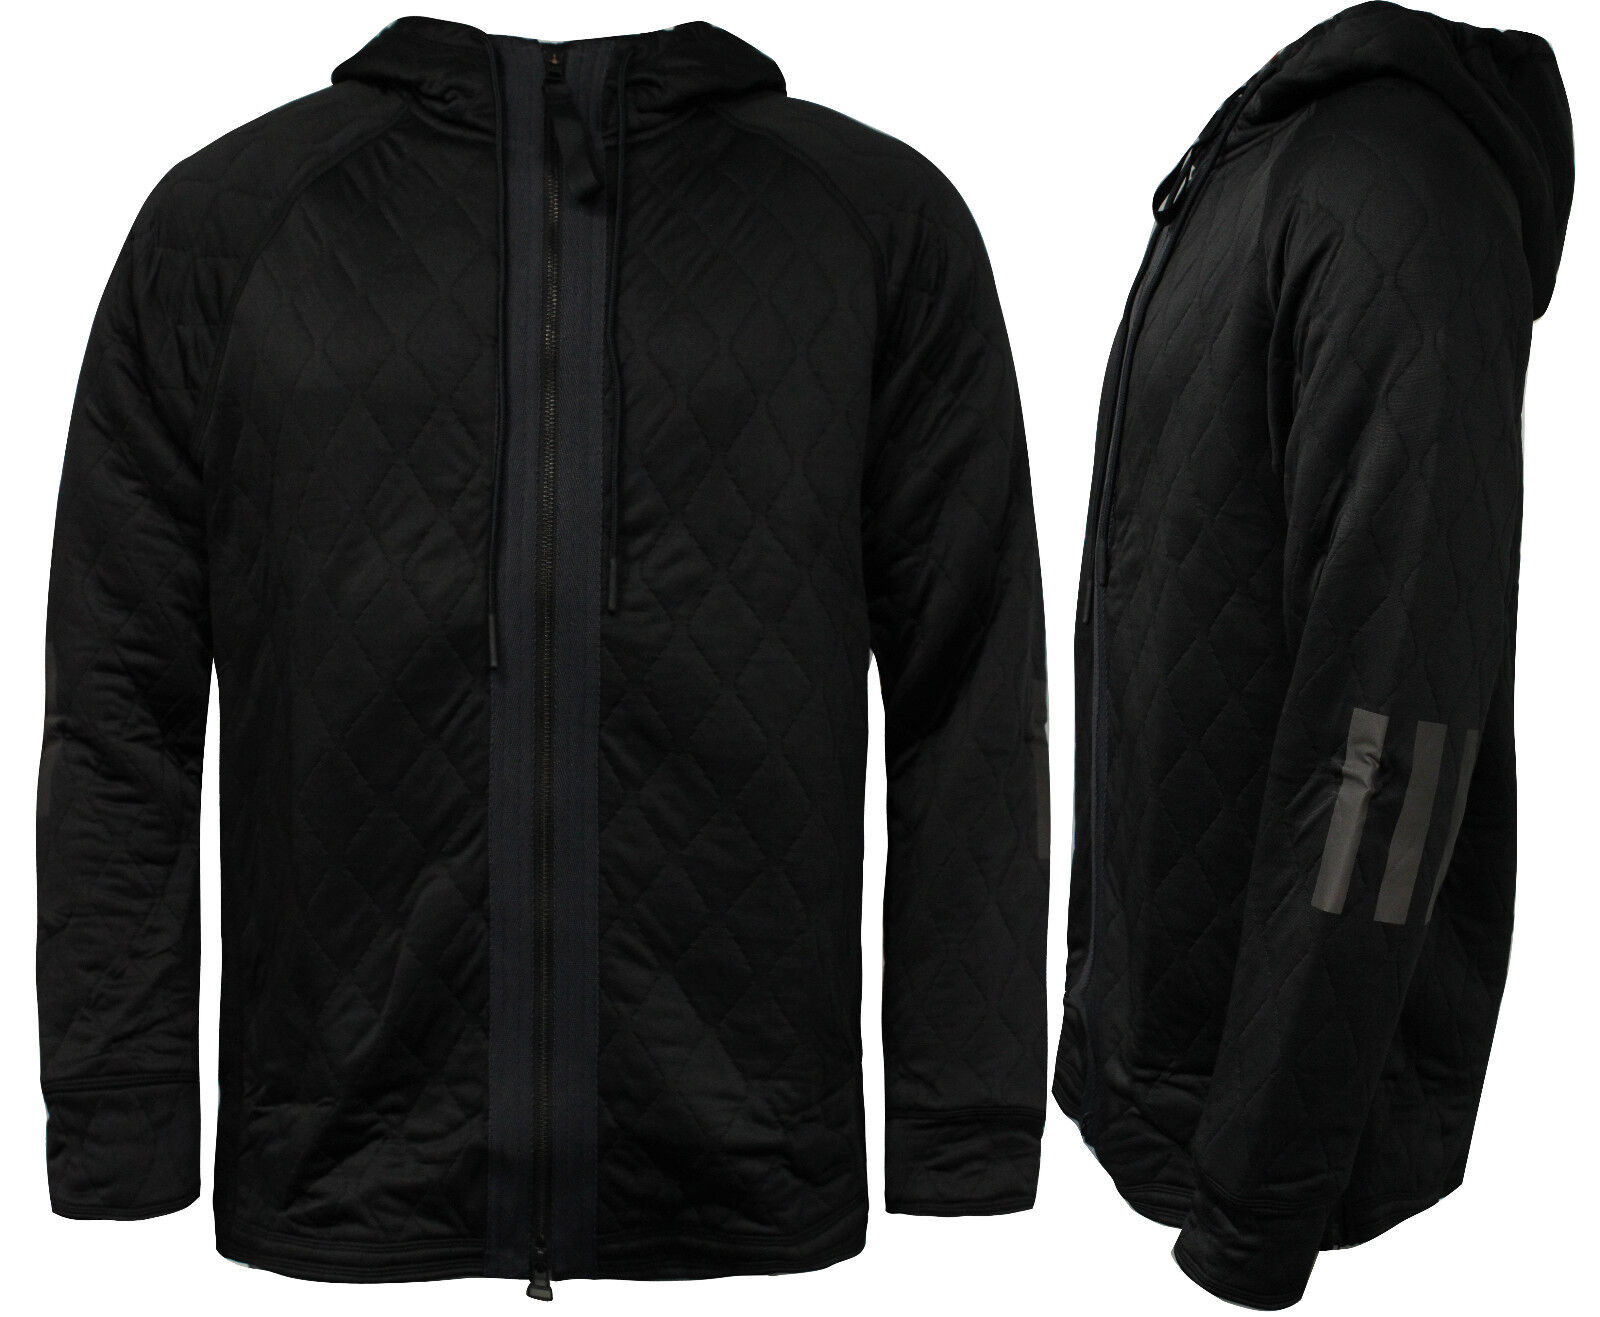 Adidas Consorcio Day  One Tech Cremallera de Hombre con Capucha Chaqueta Negra  Tu satisfacción es nuestro objetivo